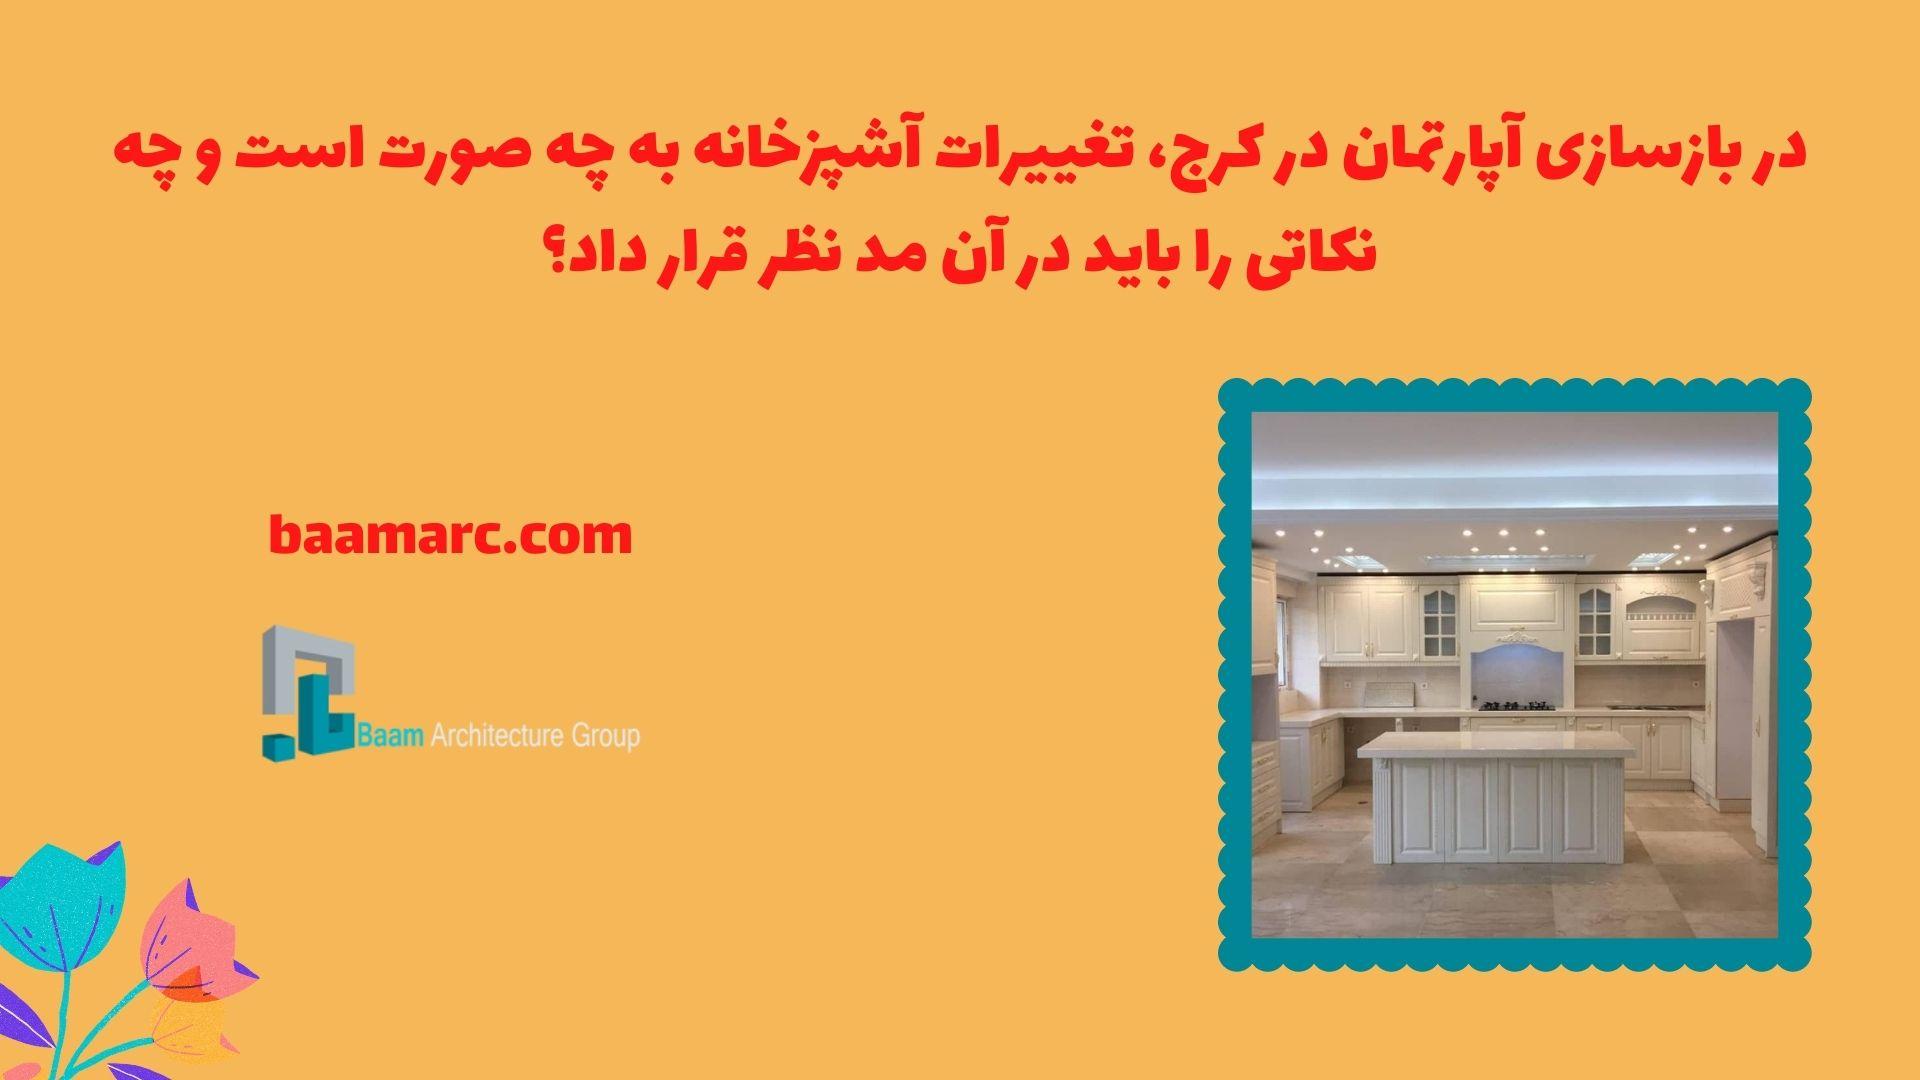 در بازسازی آپارتمان در کرج، تغییرات آشپزخانه به چه صورت است و چه نکاتی را باید در آن مد نظر قرار داد؟